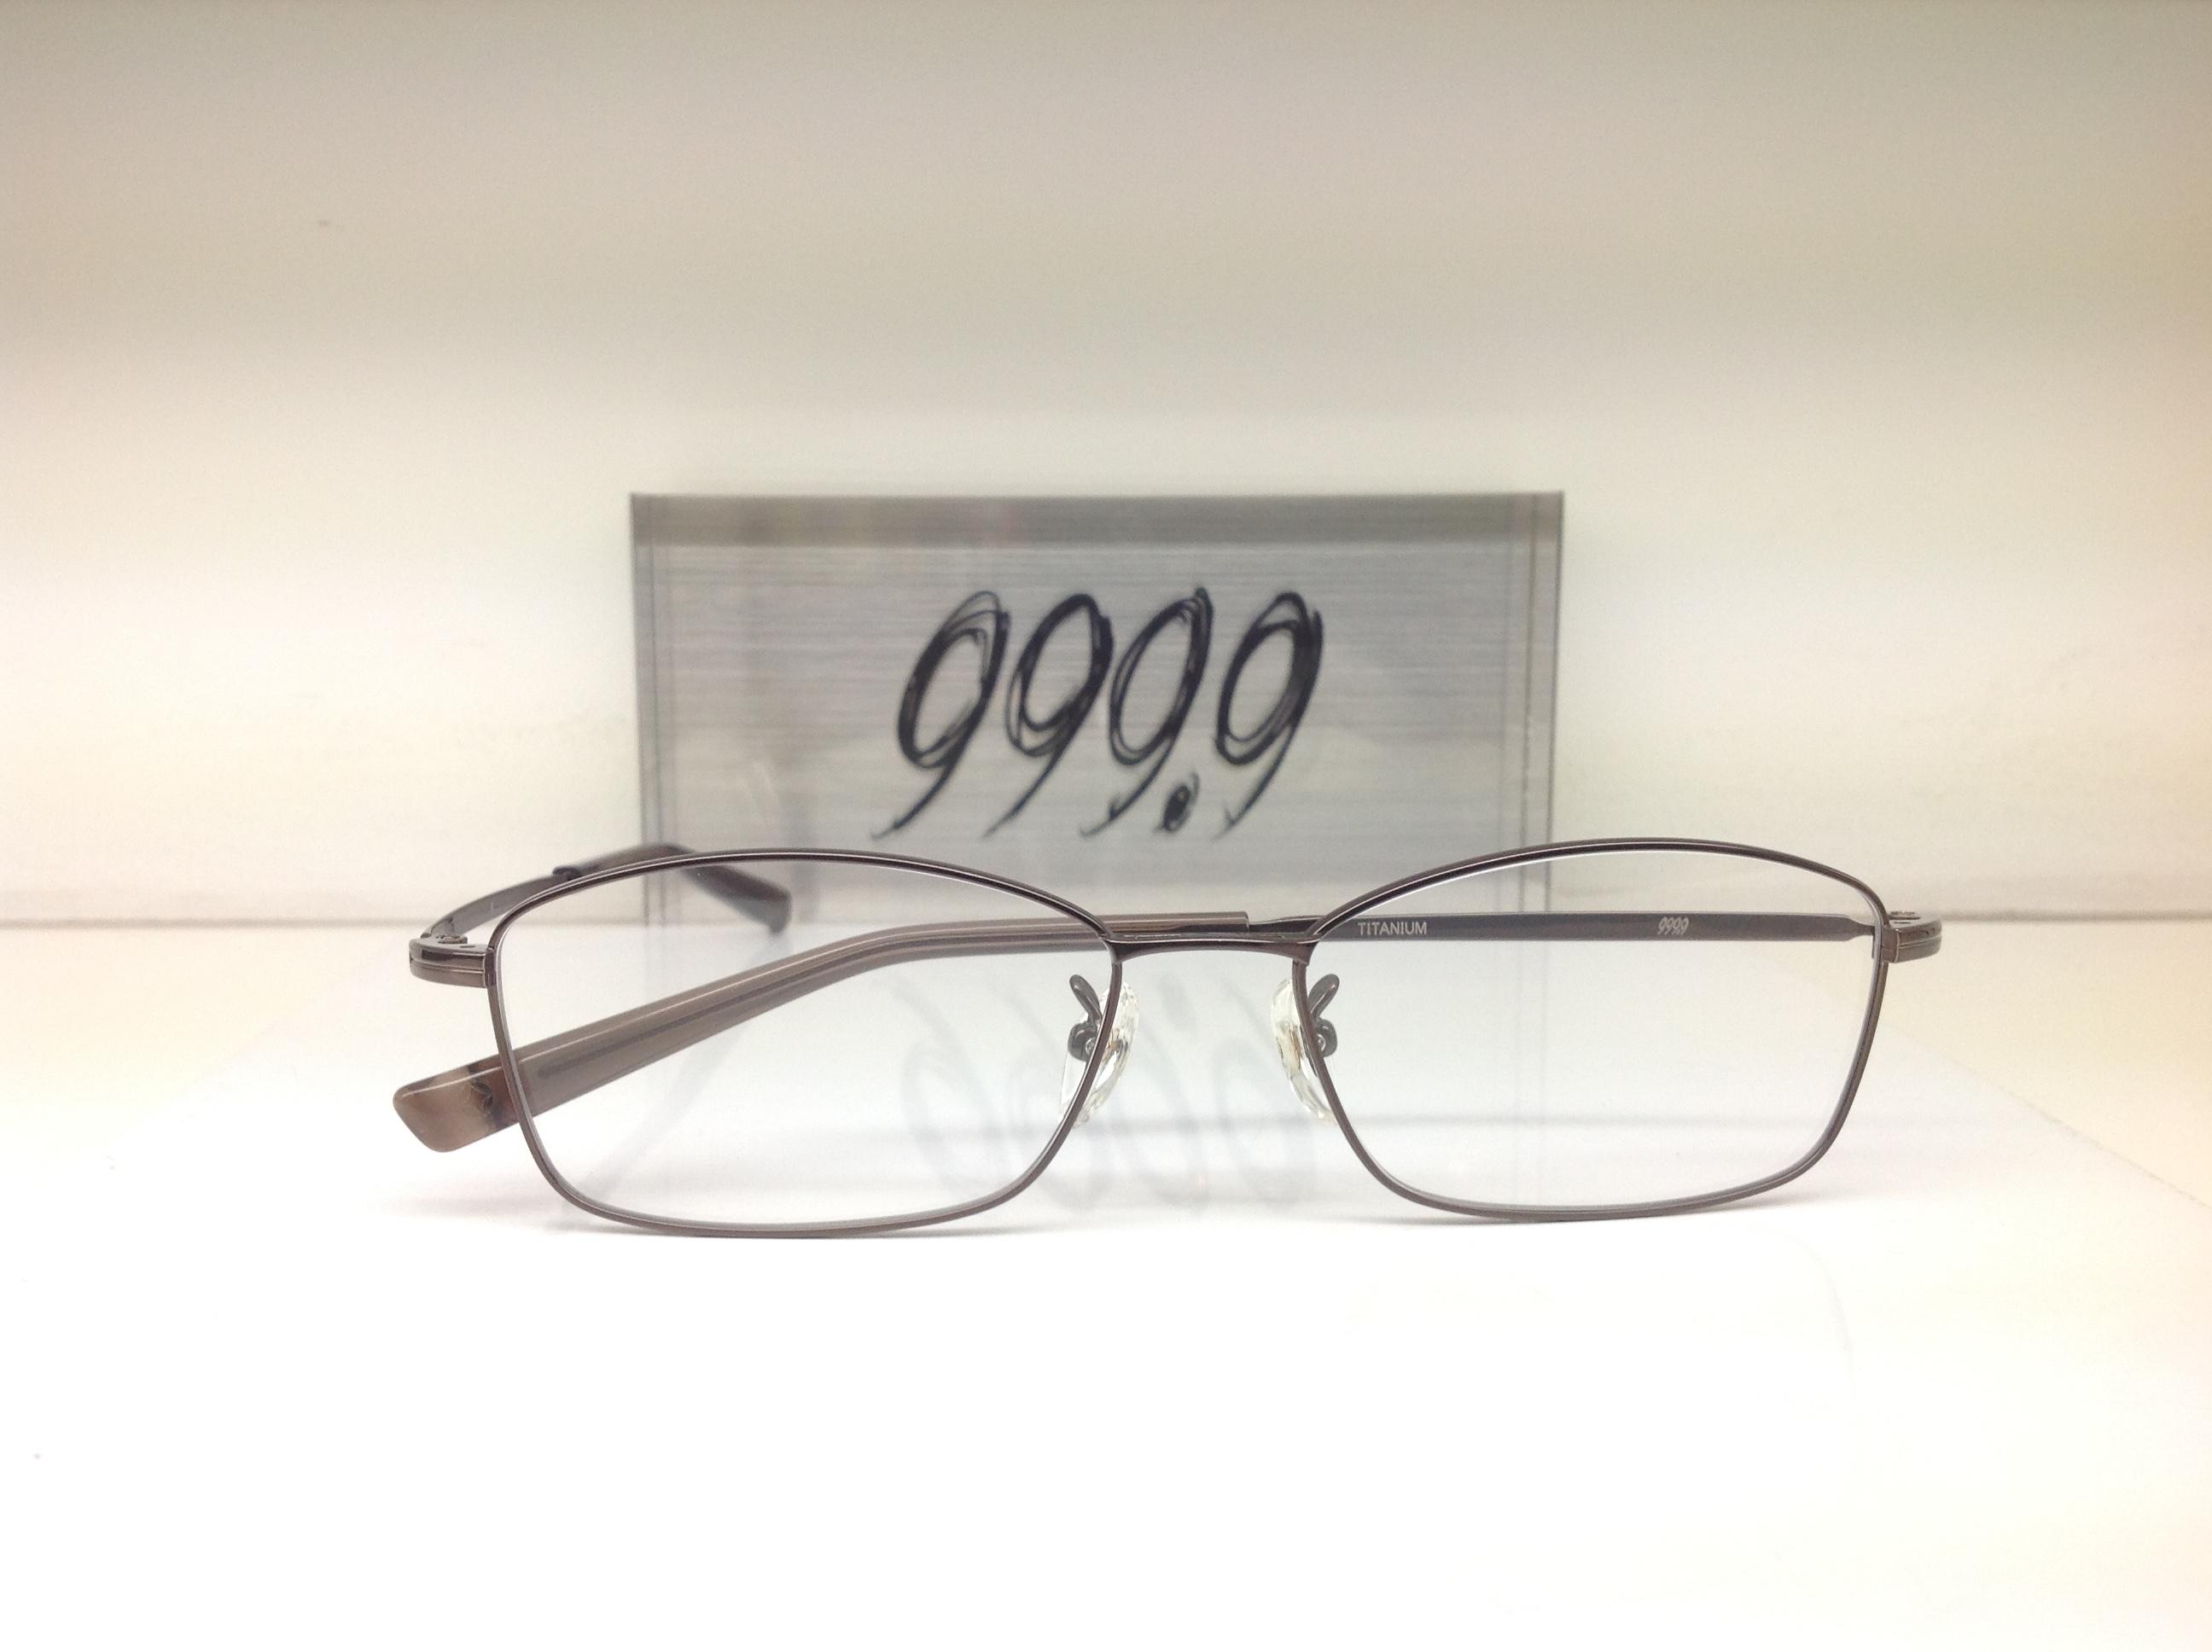 999.9 フォーナインズ 取り扱い店 東京